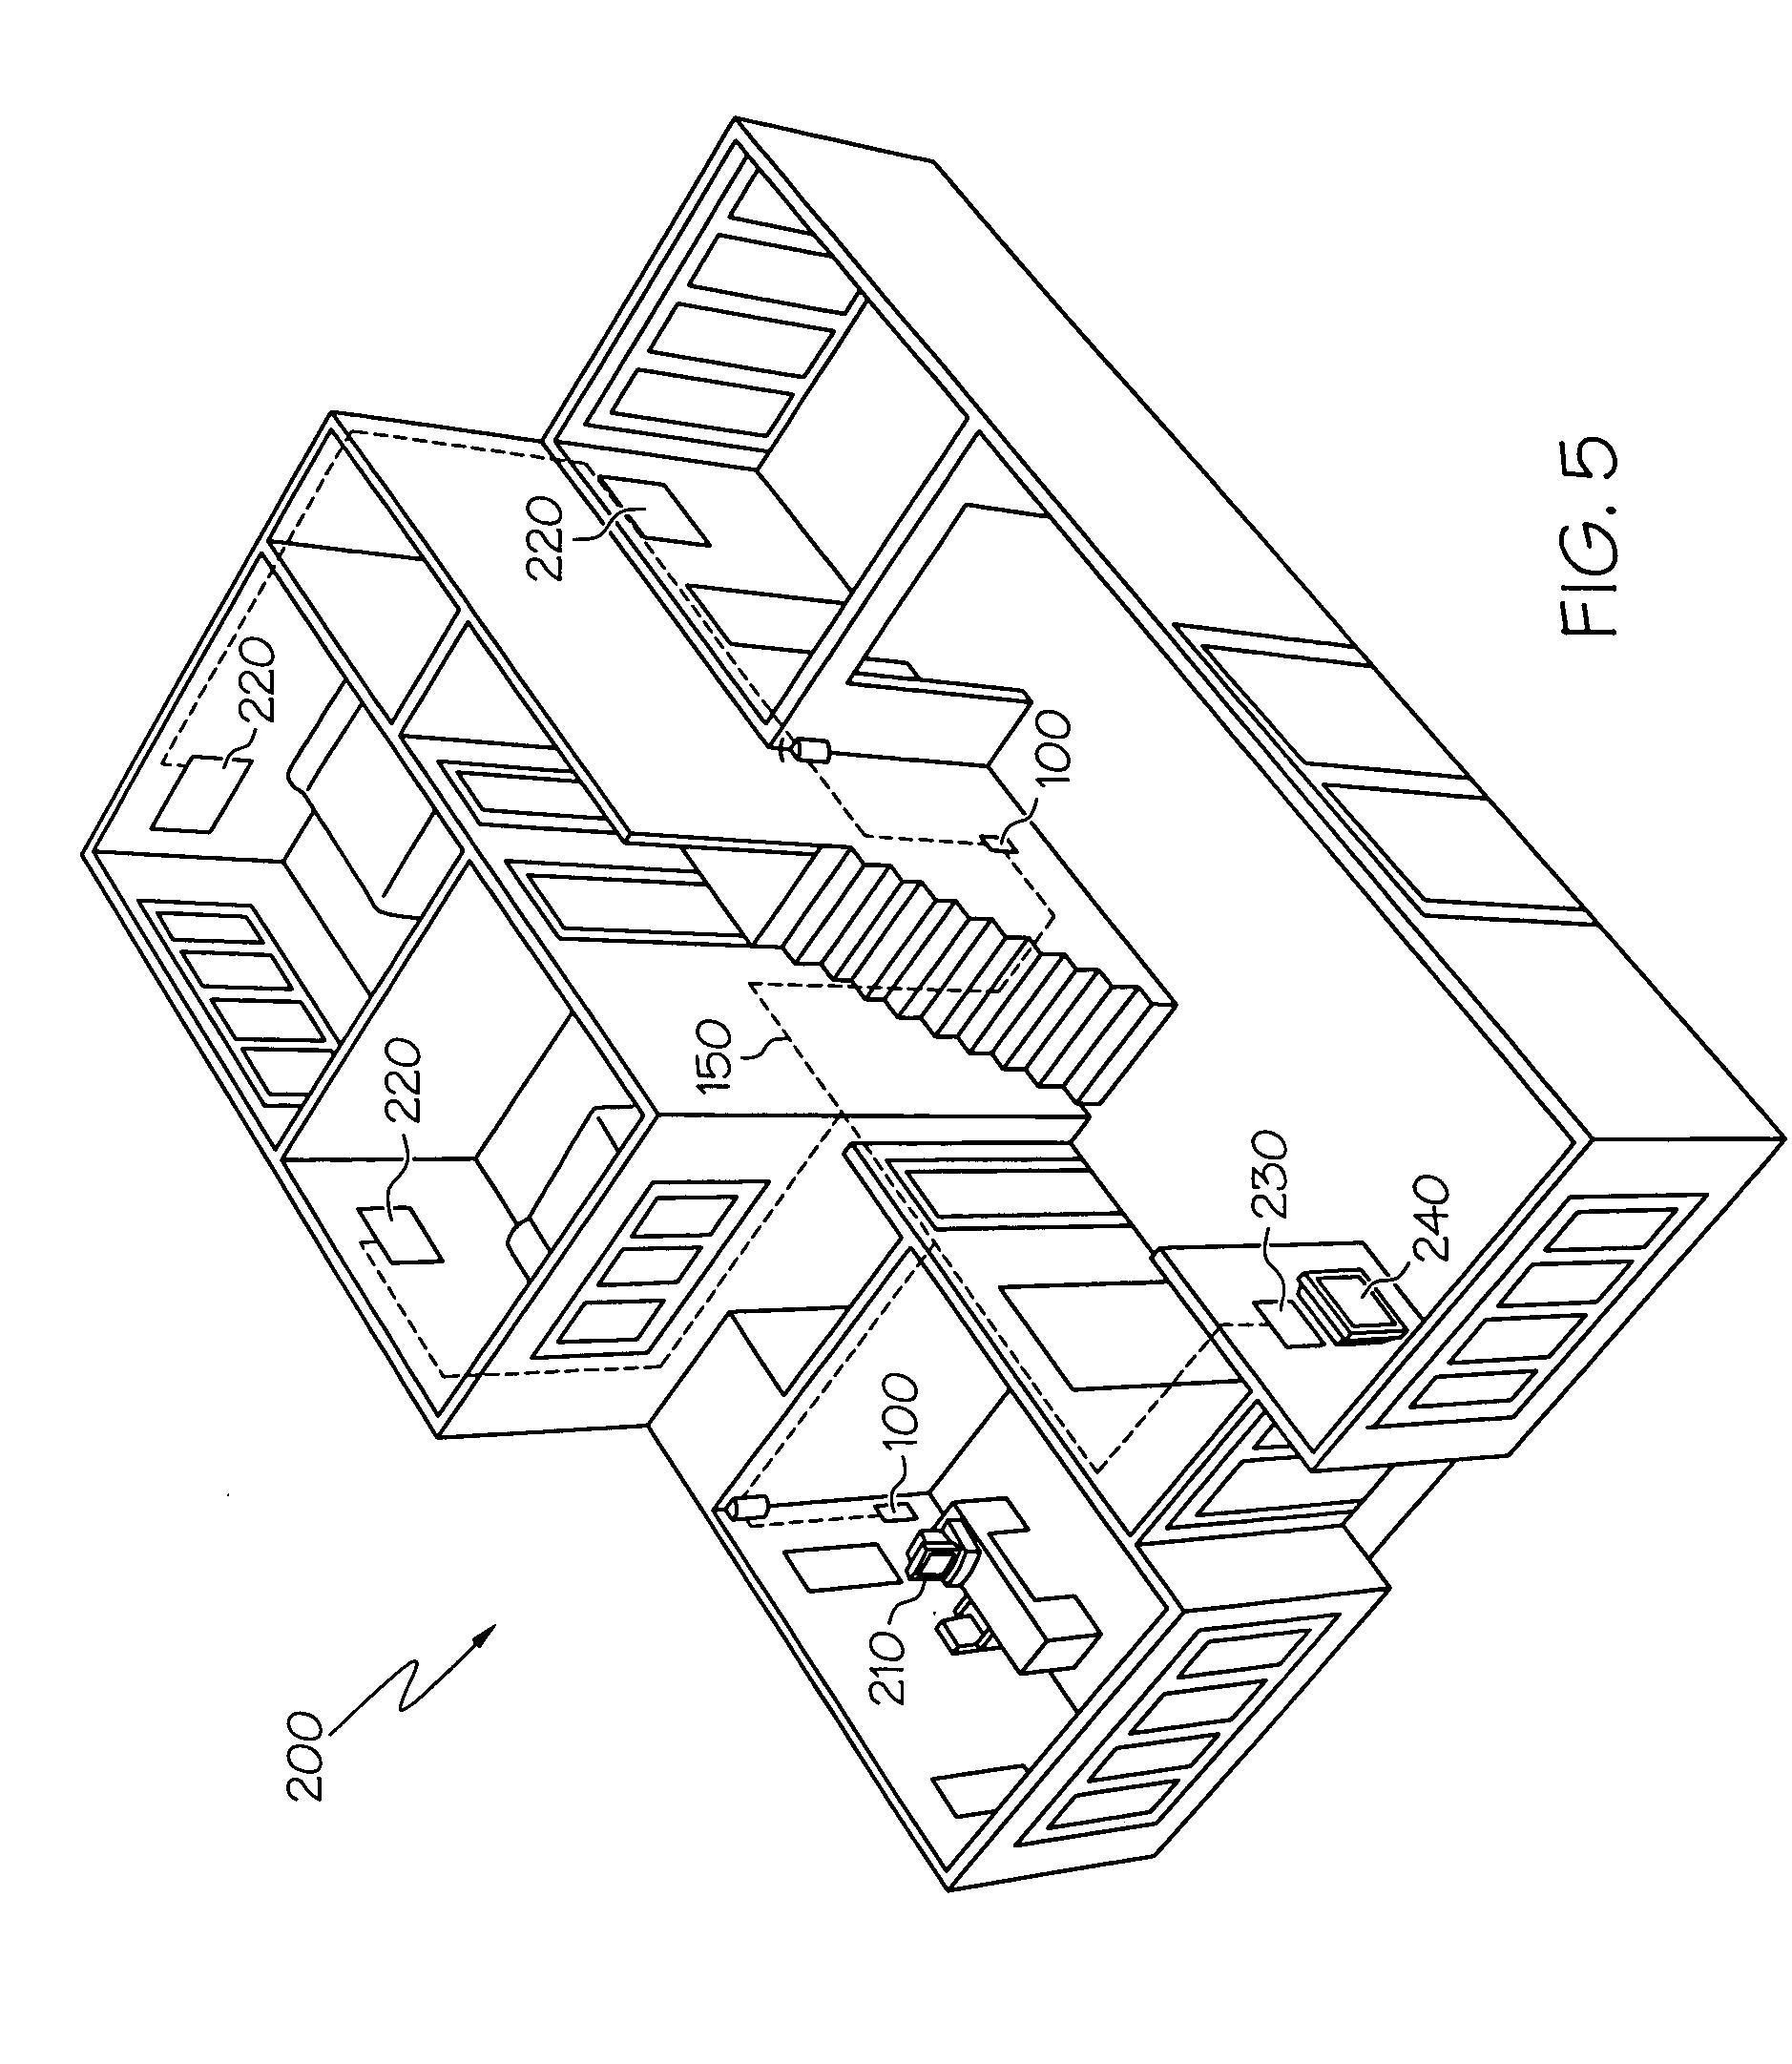 Vito Towbar Wiring Diagram